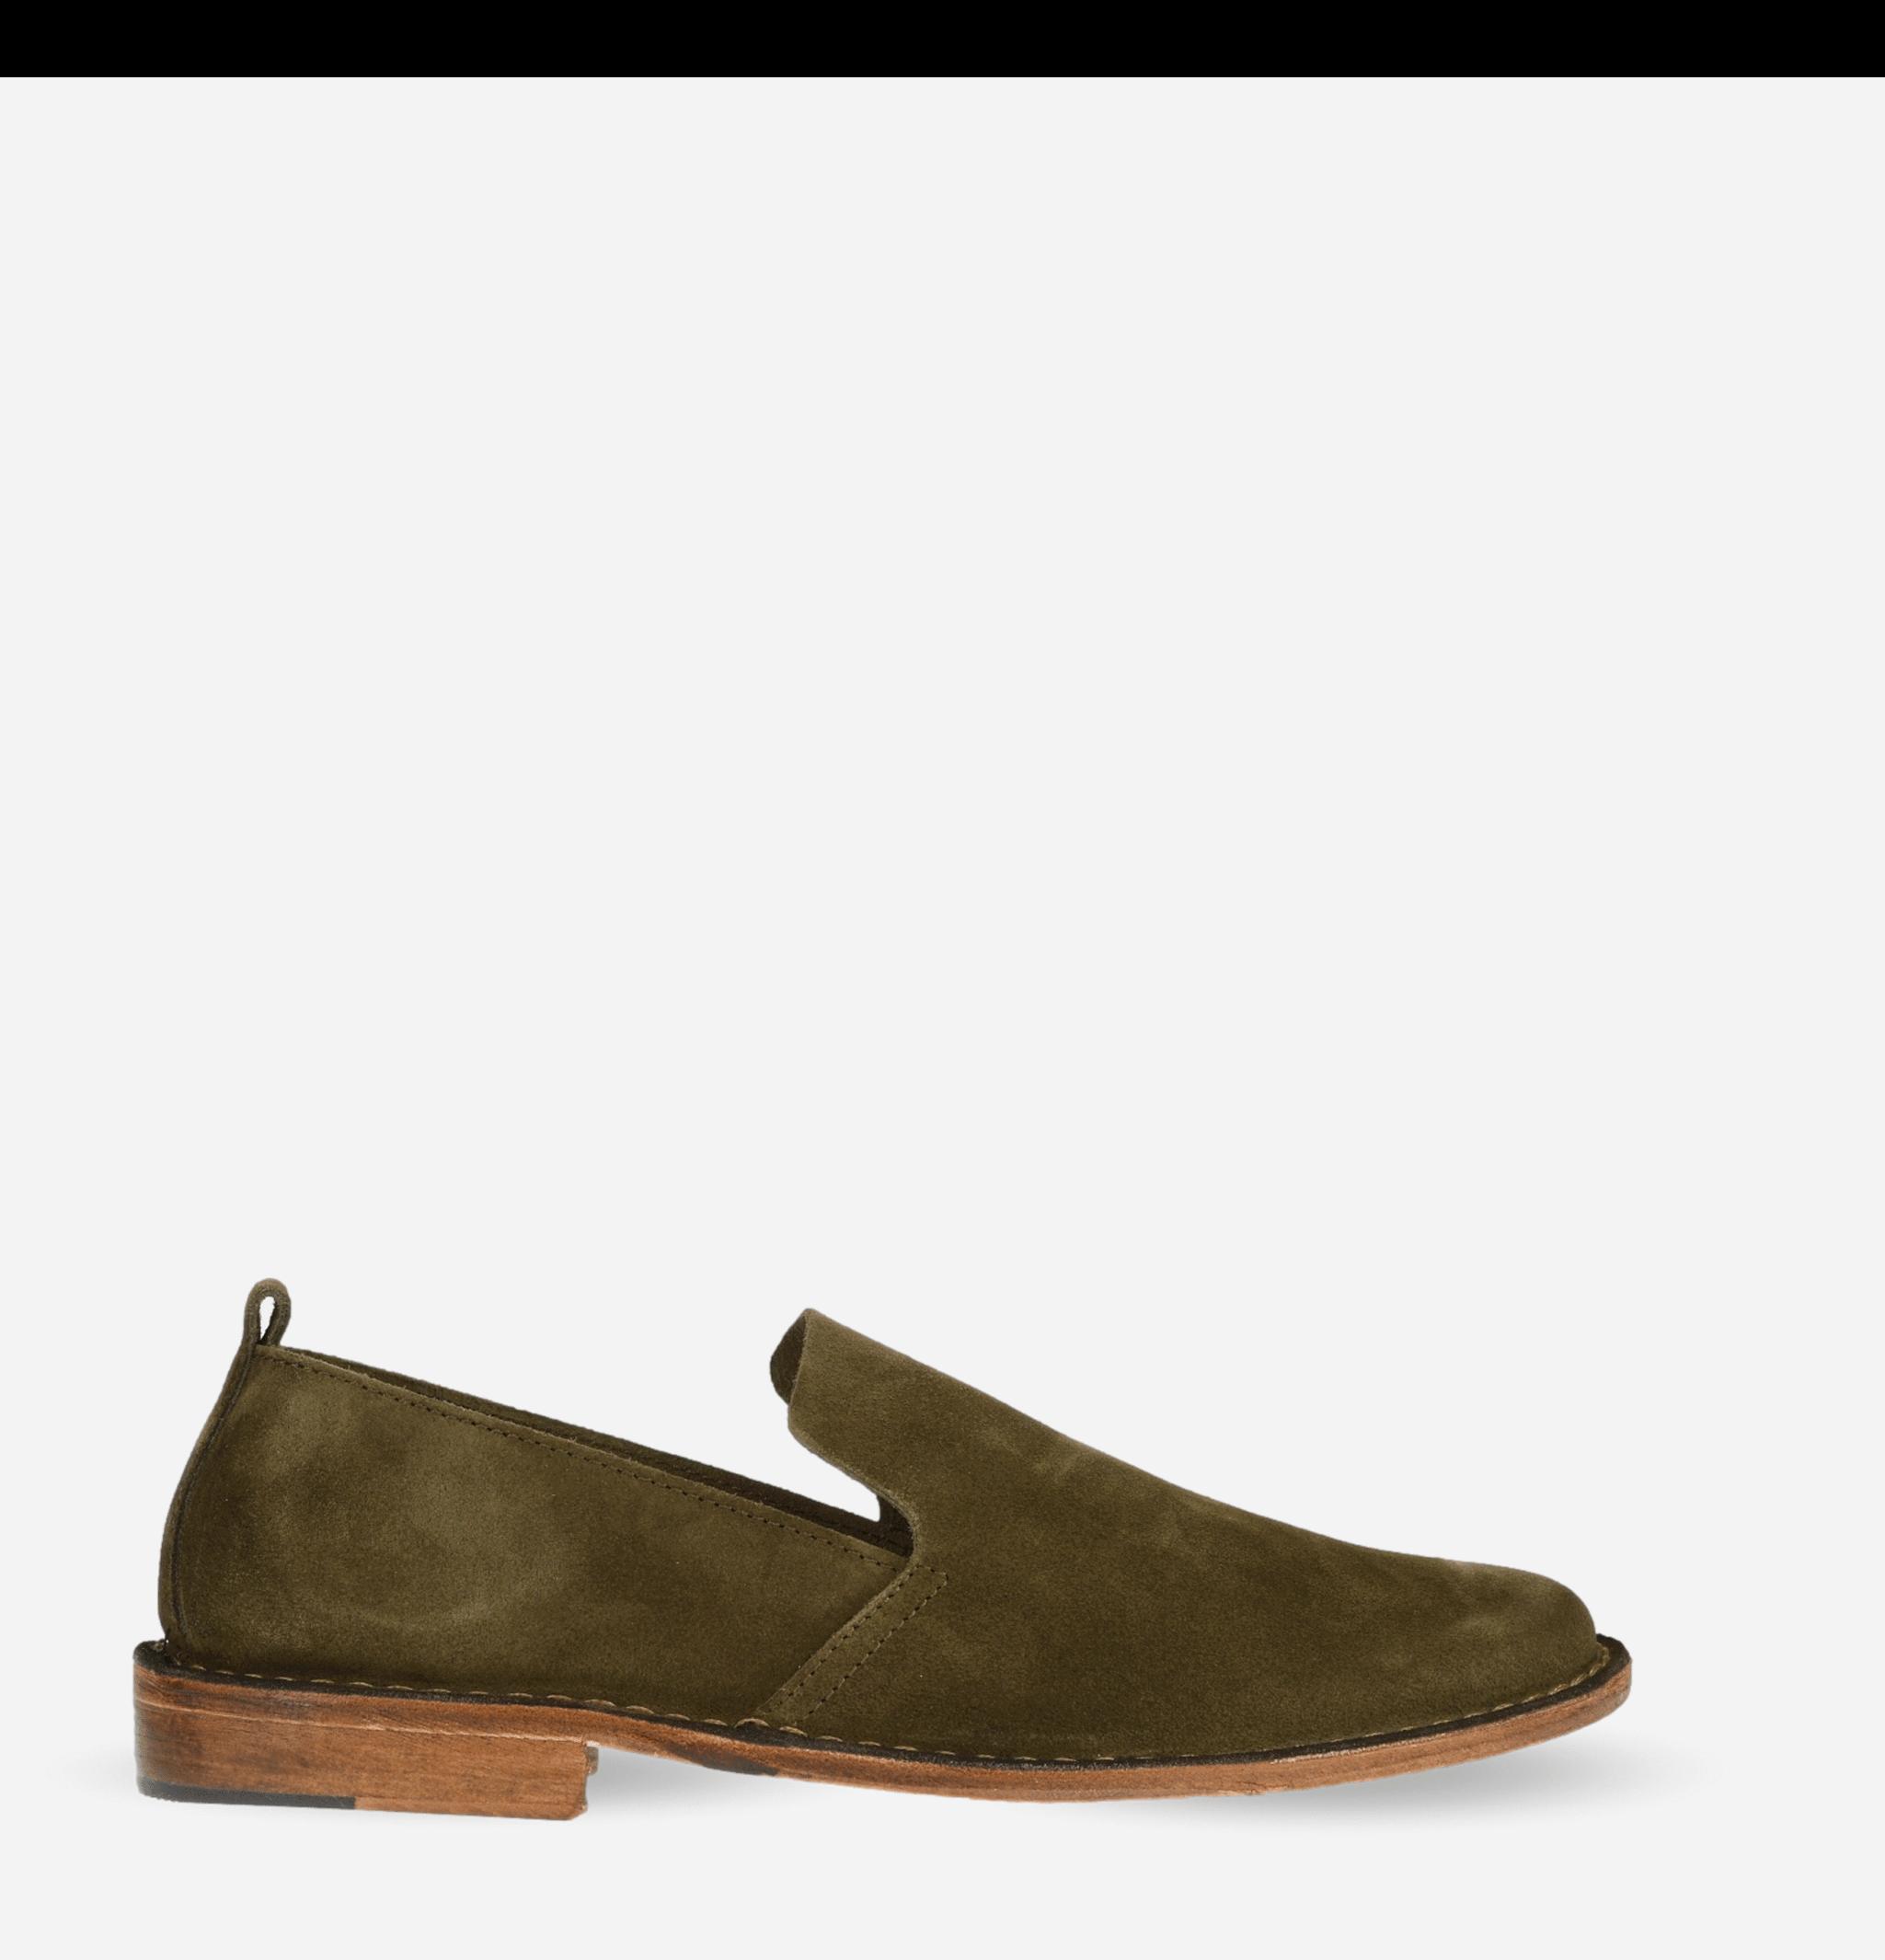 Puntoflex Shoes Forest